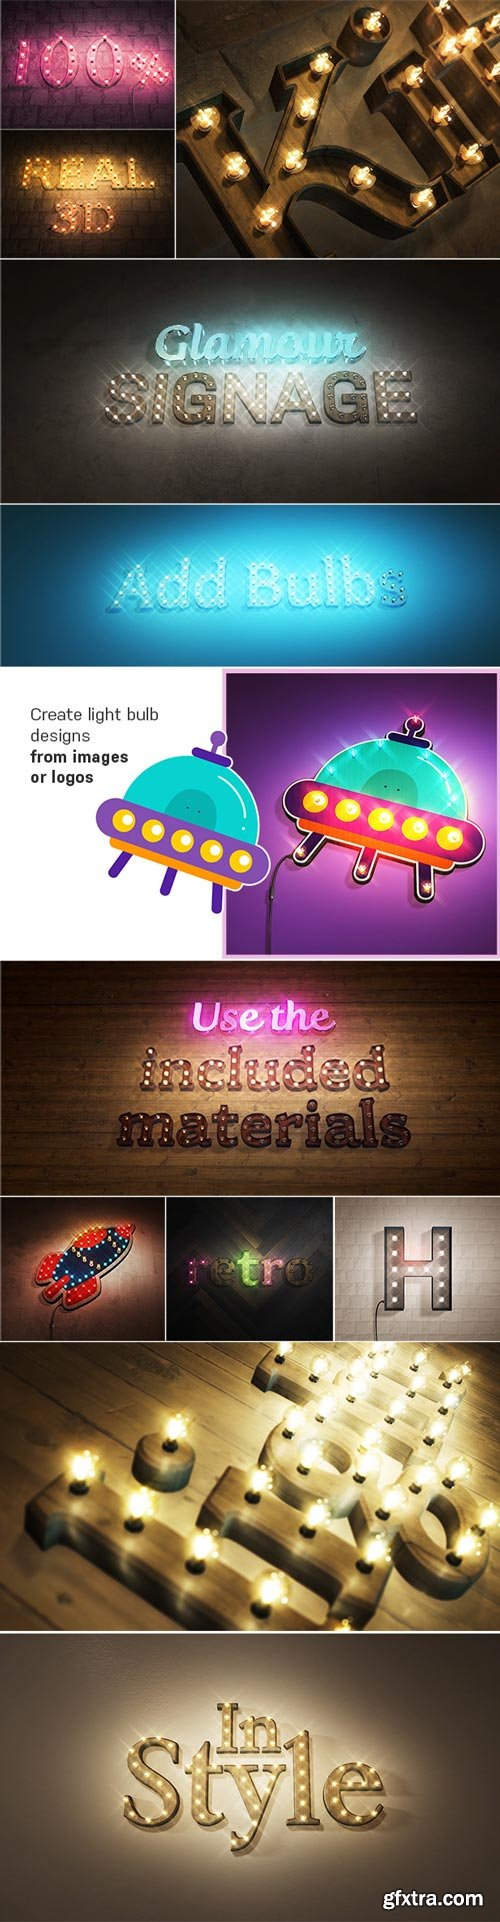 Videohive - Real 3D Light Bulb Kit - 24849744